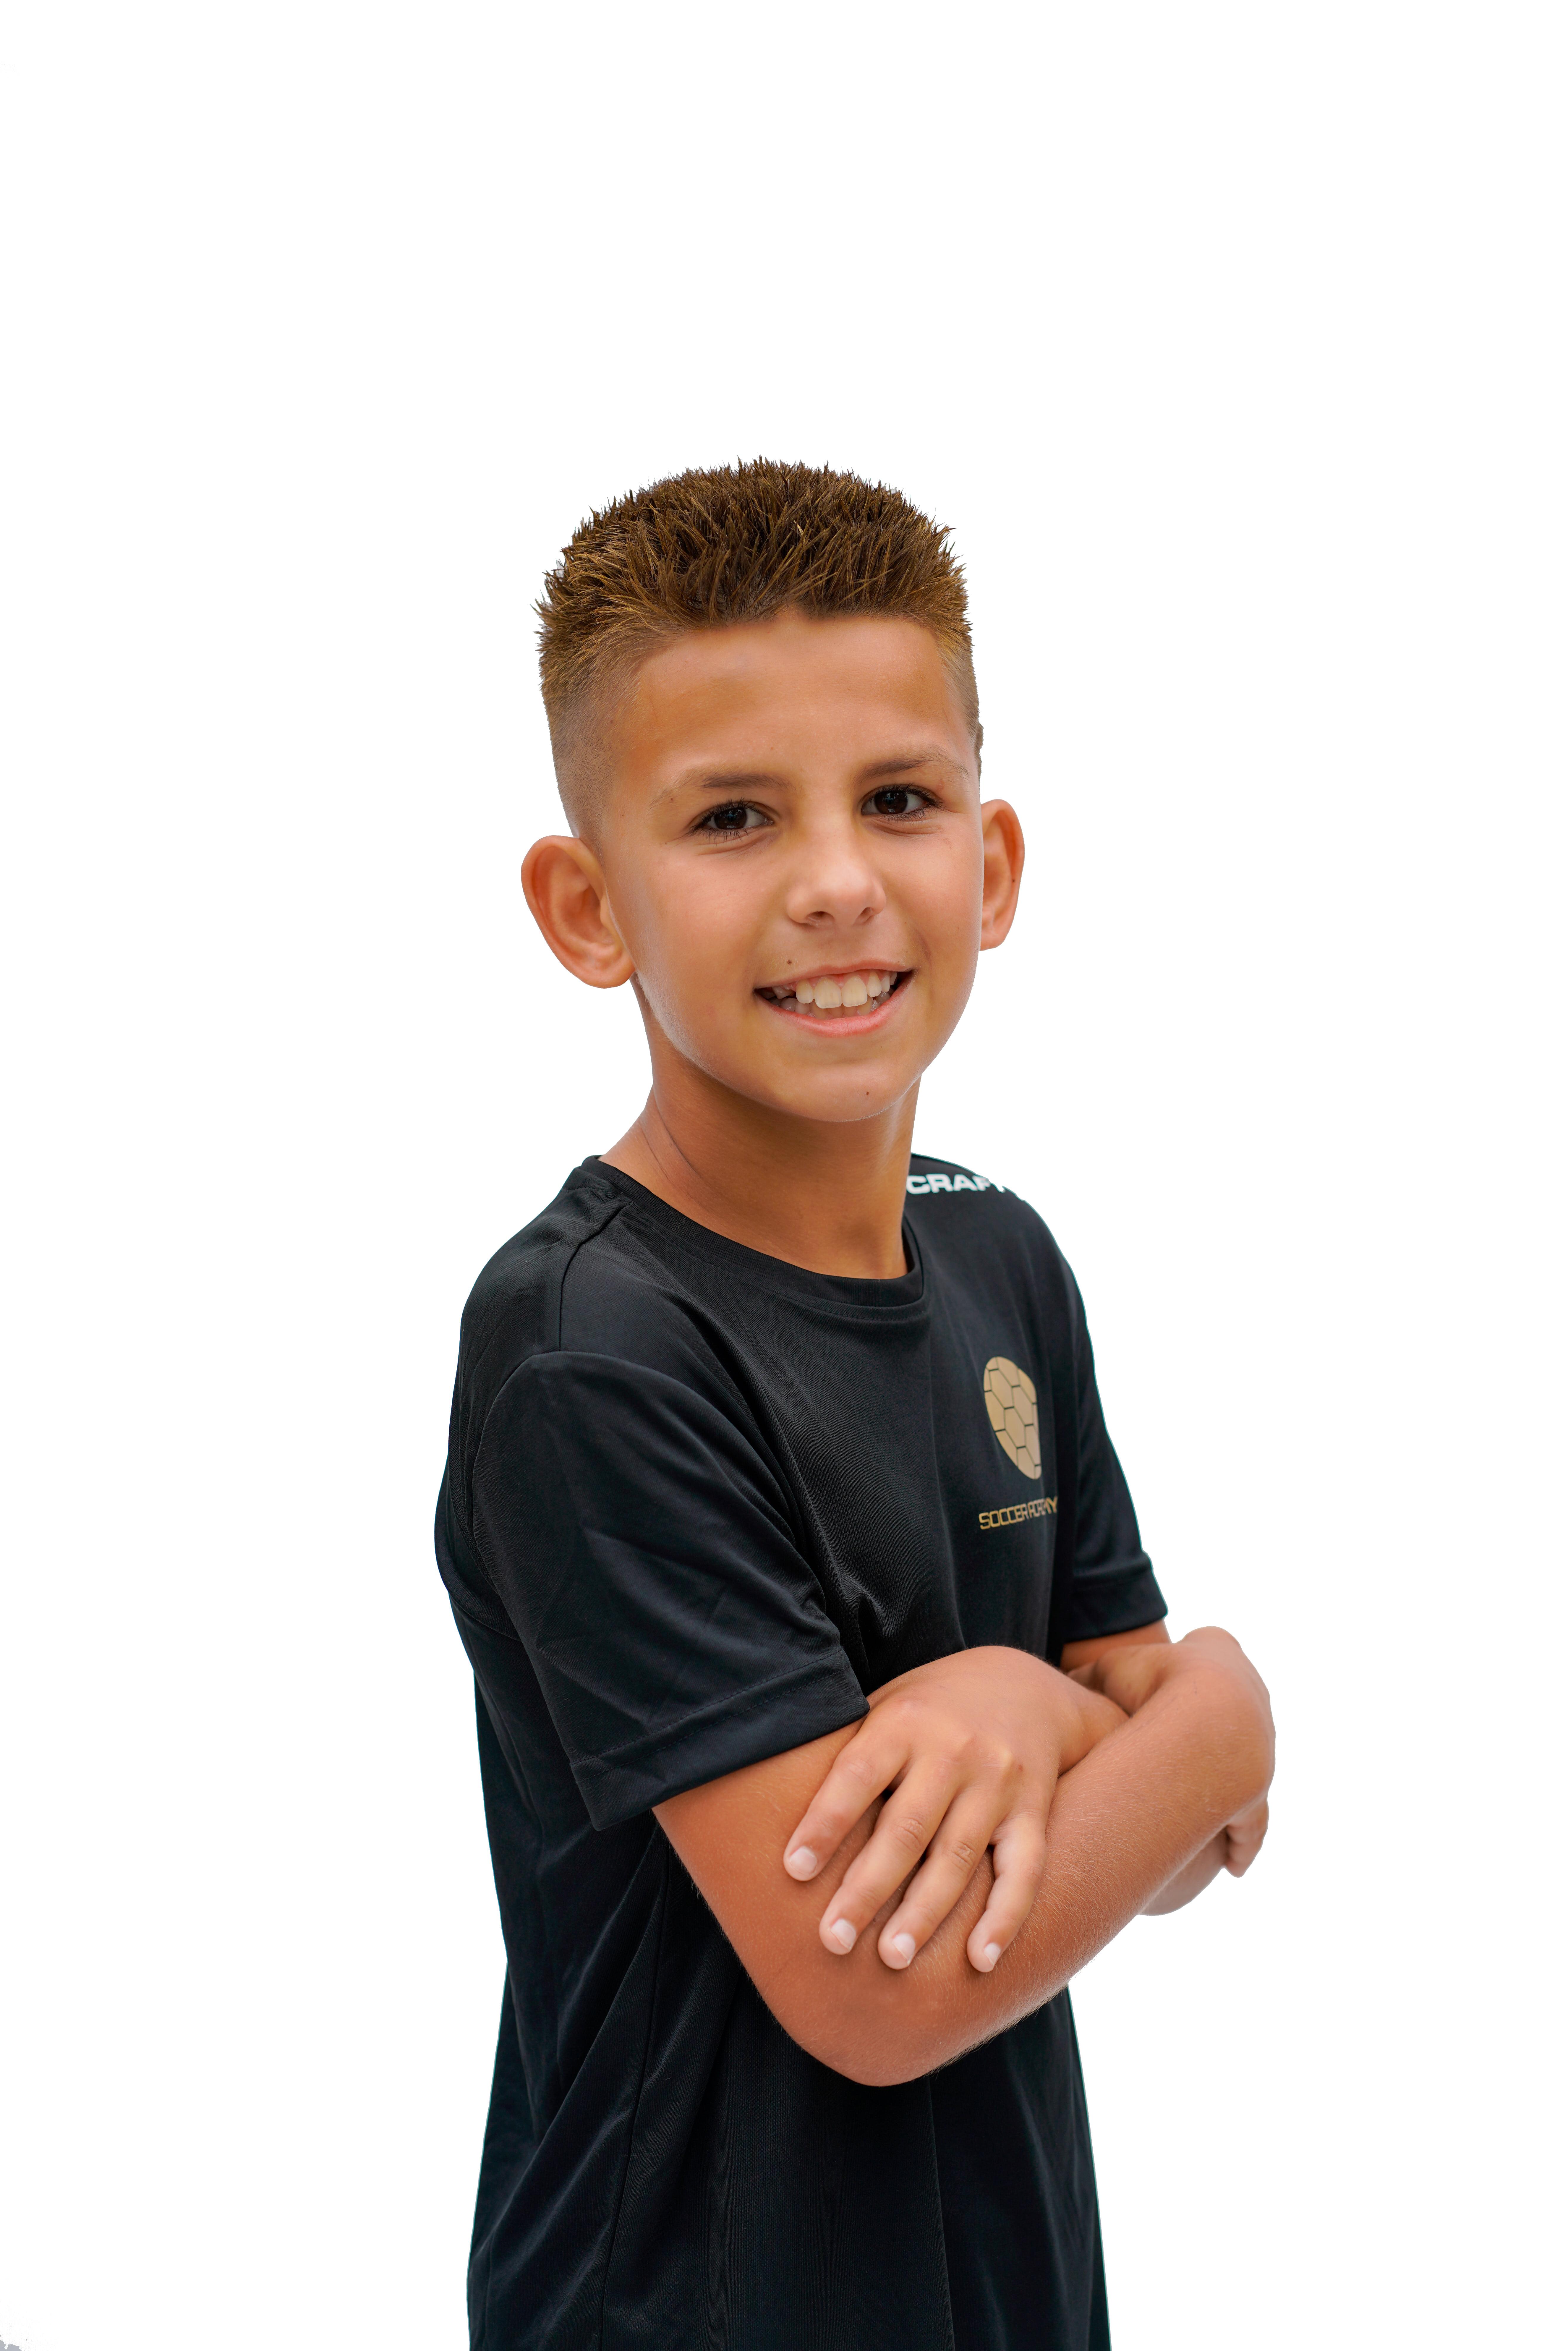 https://socceracademybreda.nl/wp-content/uploads/2021/08/Anthony-van-de-Laarschot.jpg